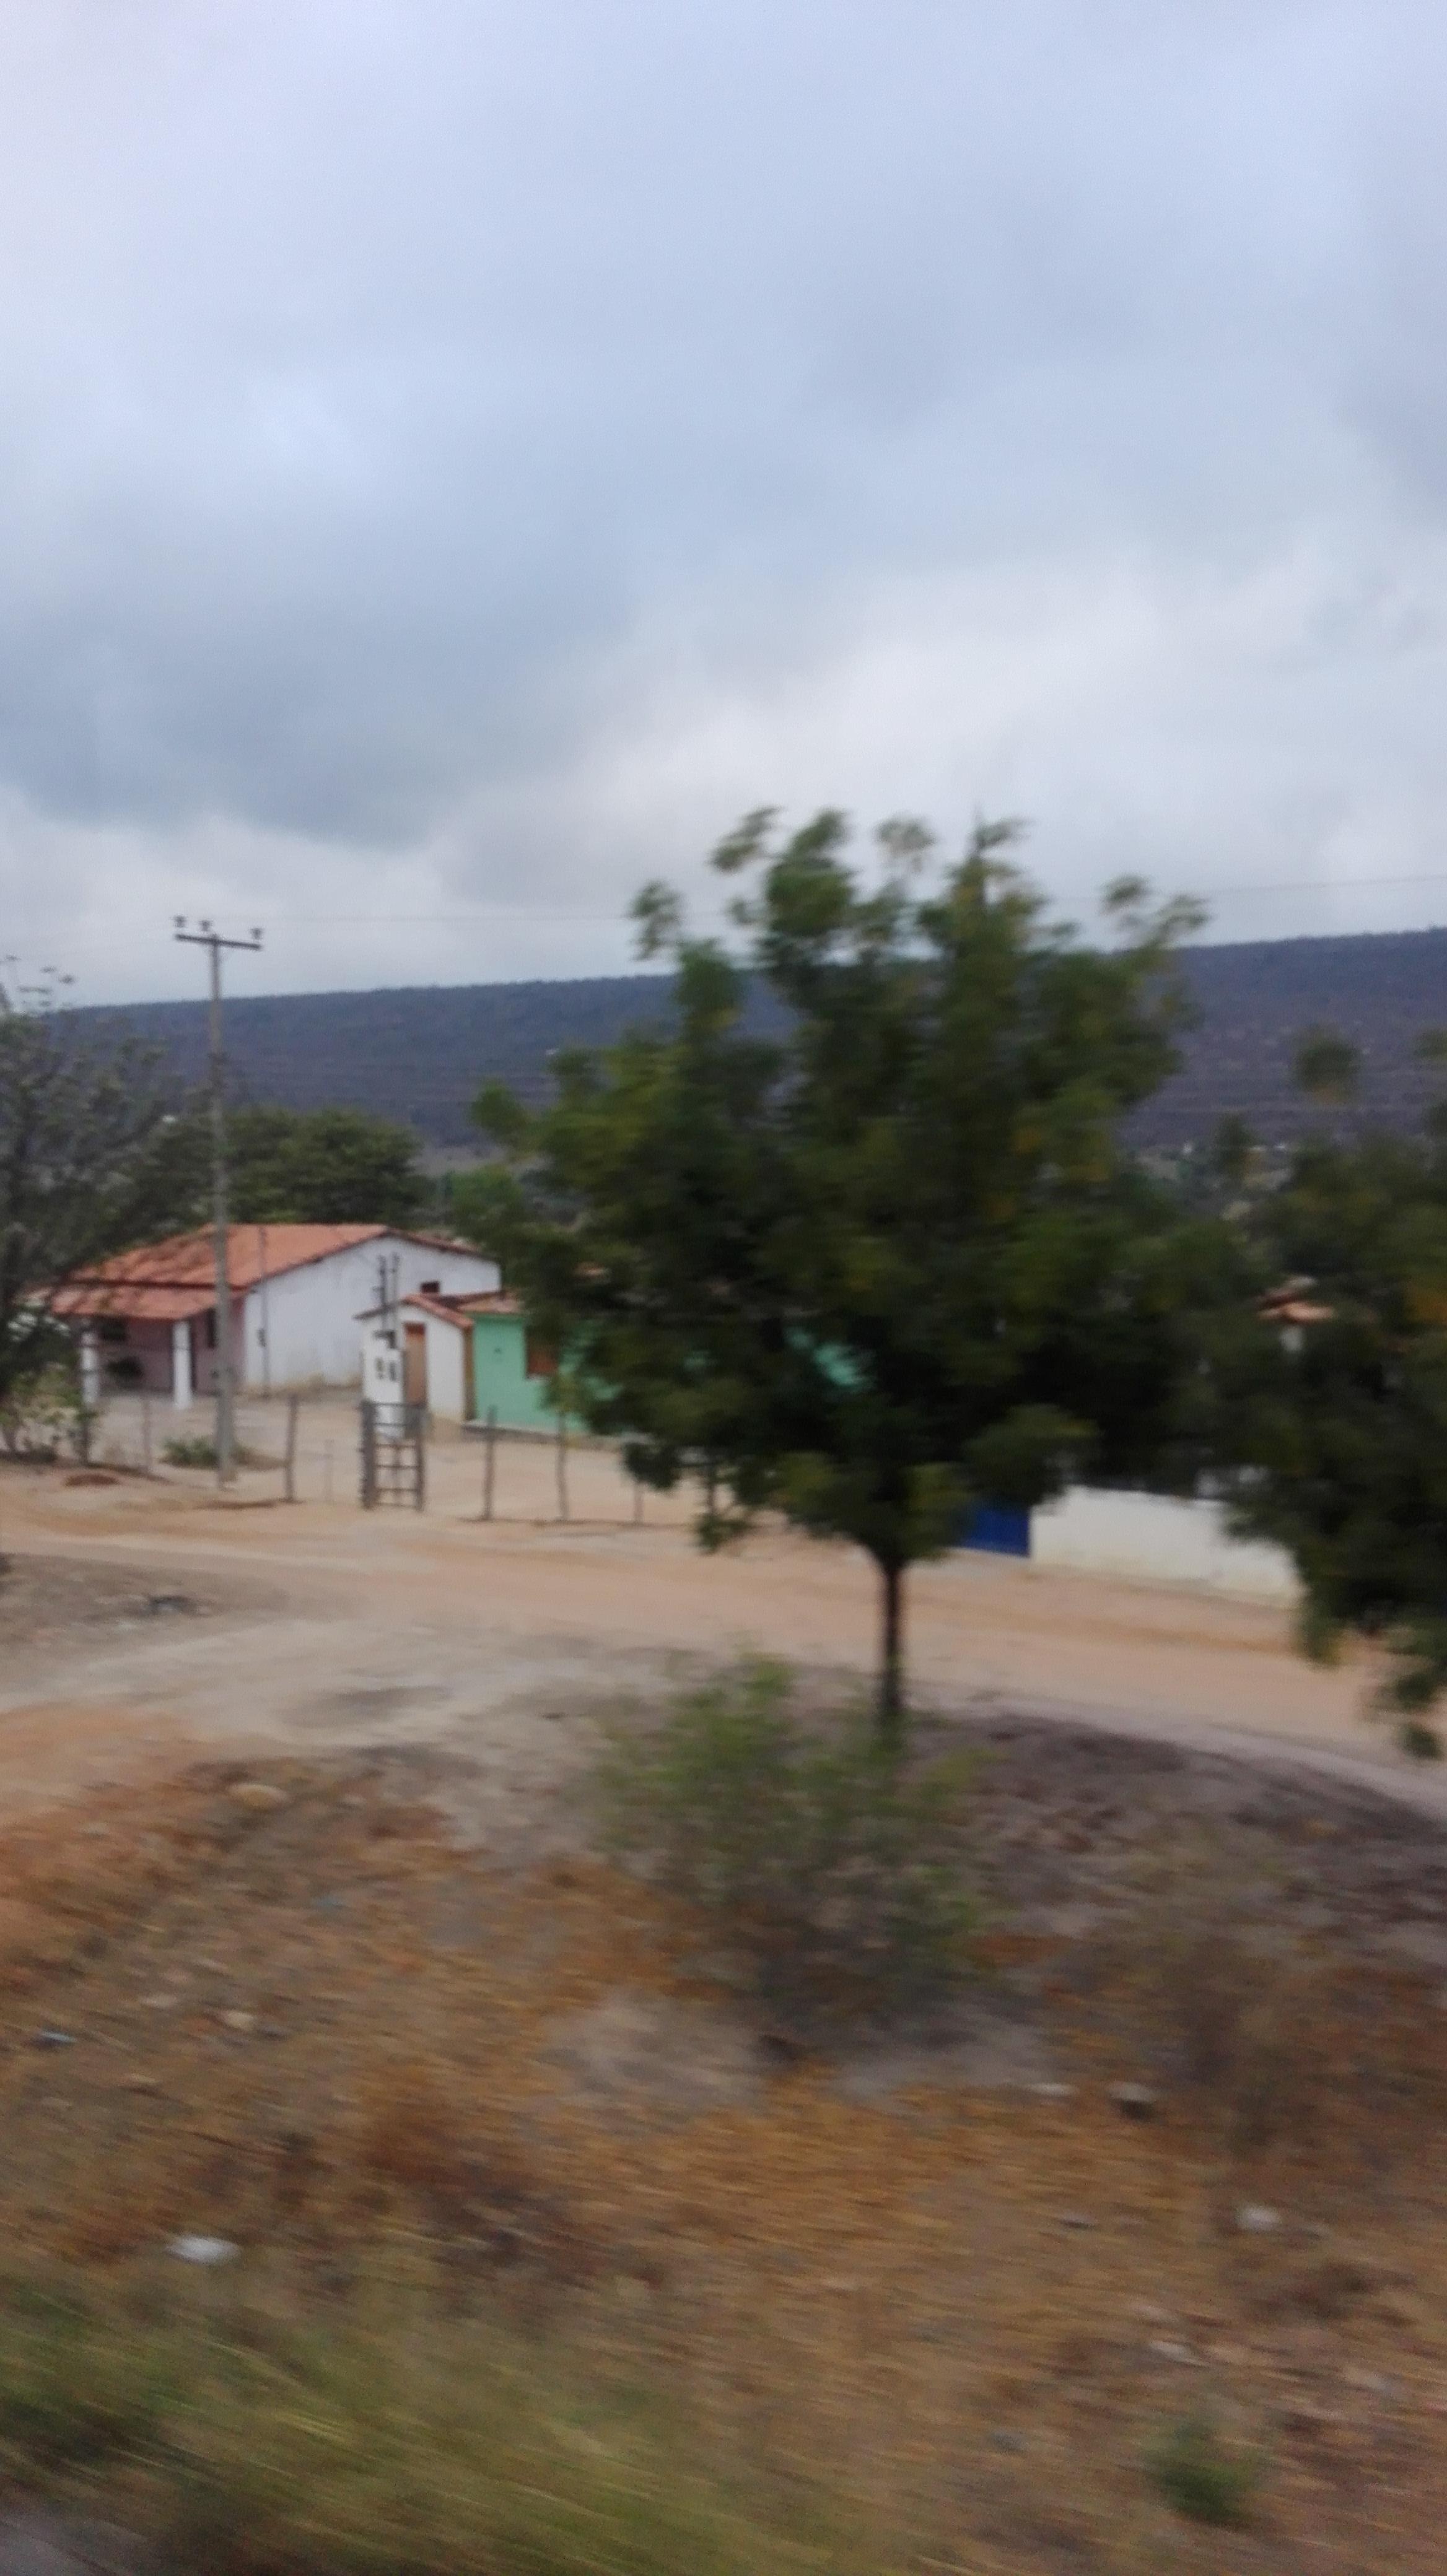 de-eerste-indrukken-op-deze-weg-richting-Ibitiara-19